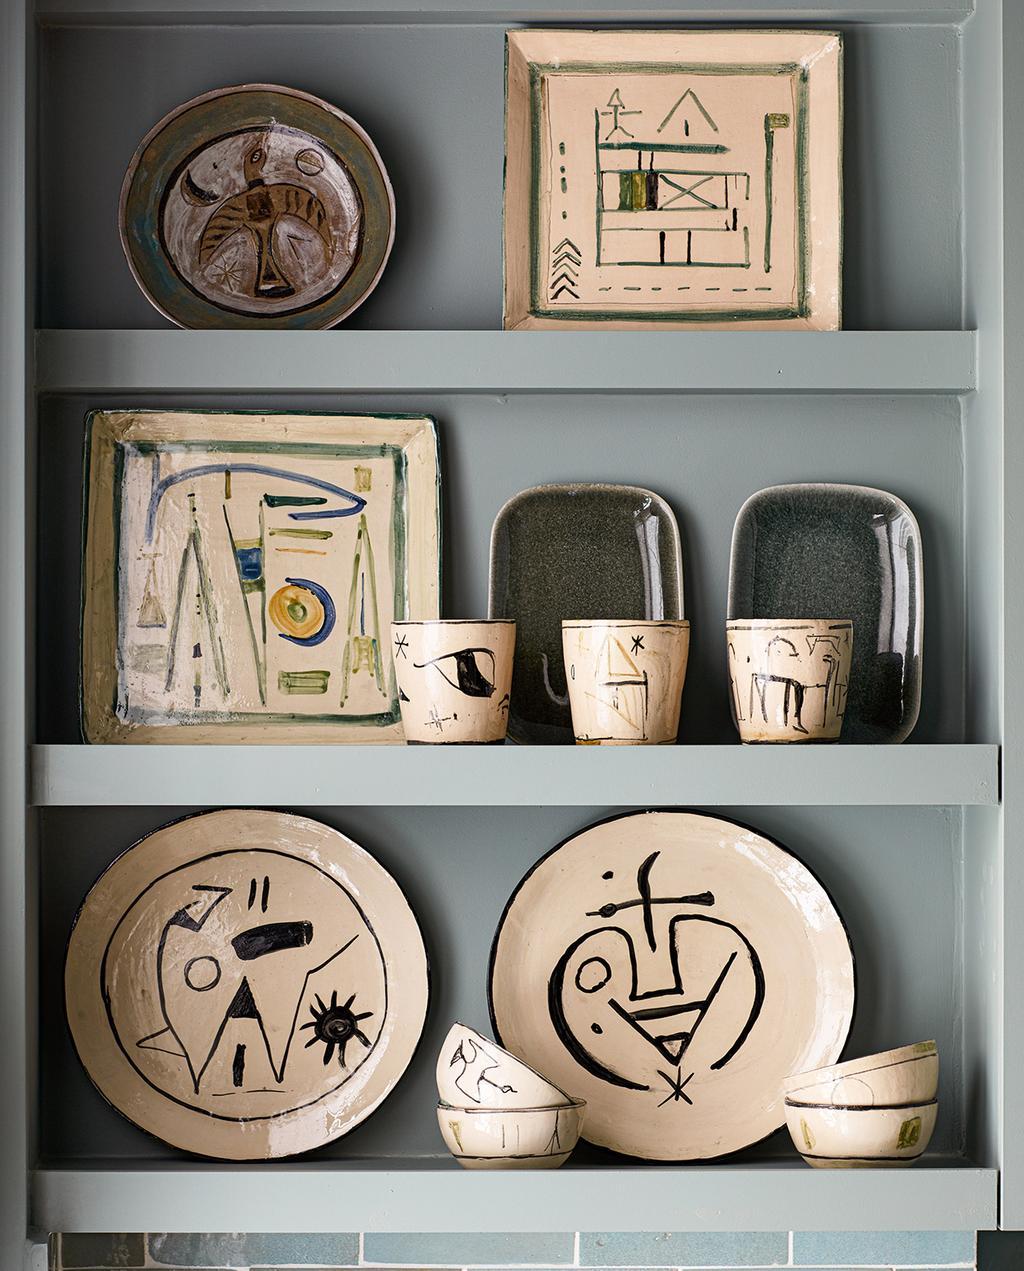 vtwonen special tiny houses | verschillende objecten in de keuken van verschillende culturen